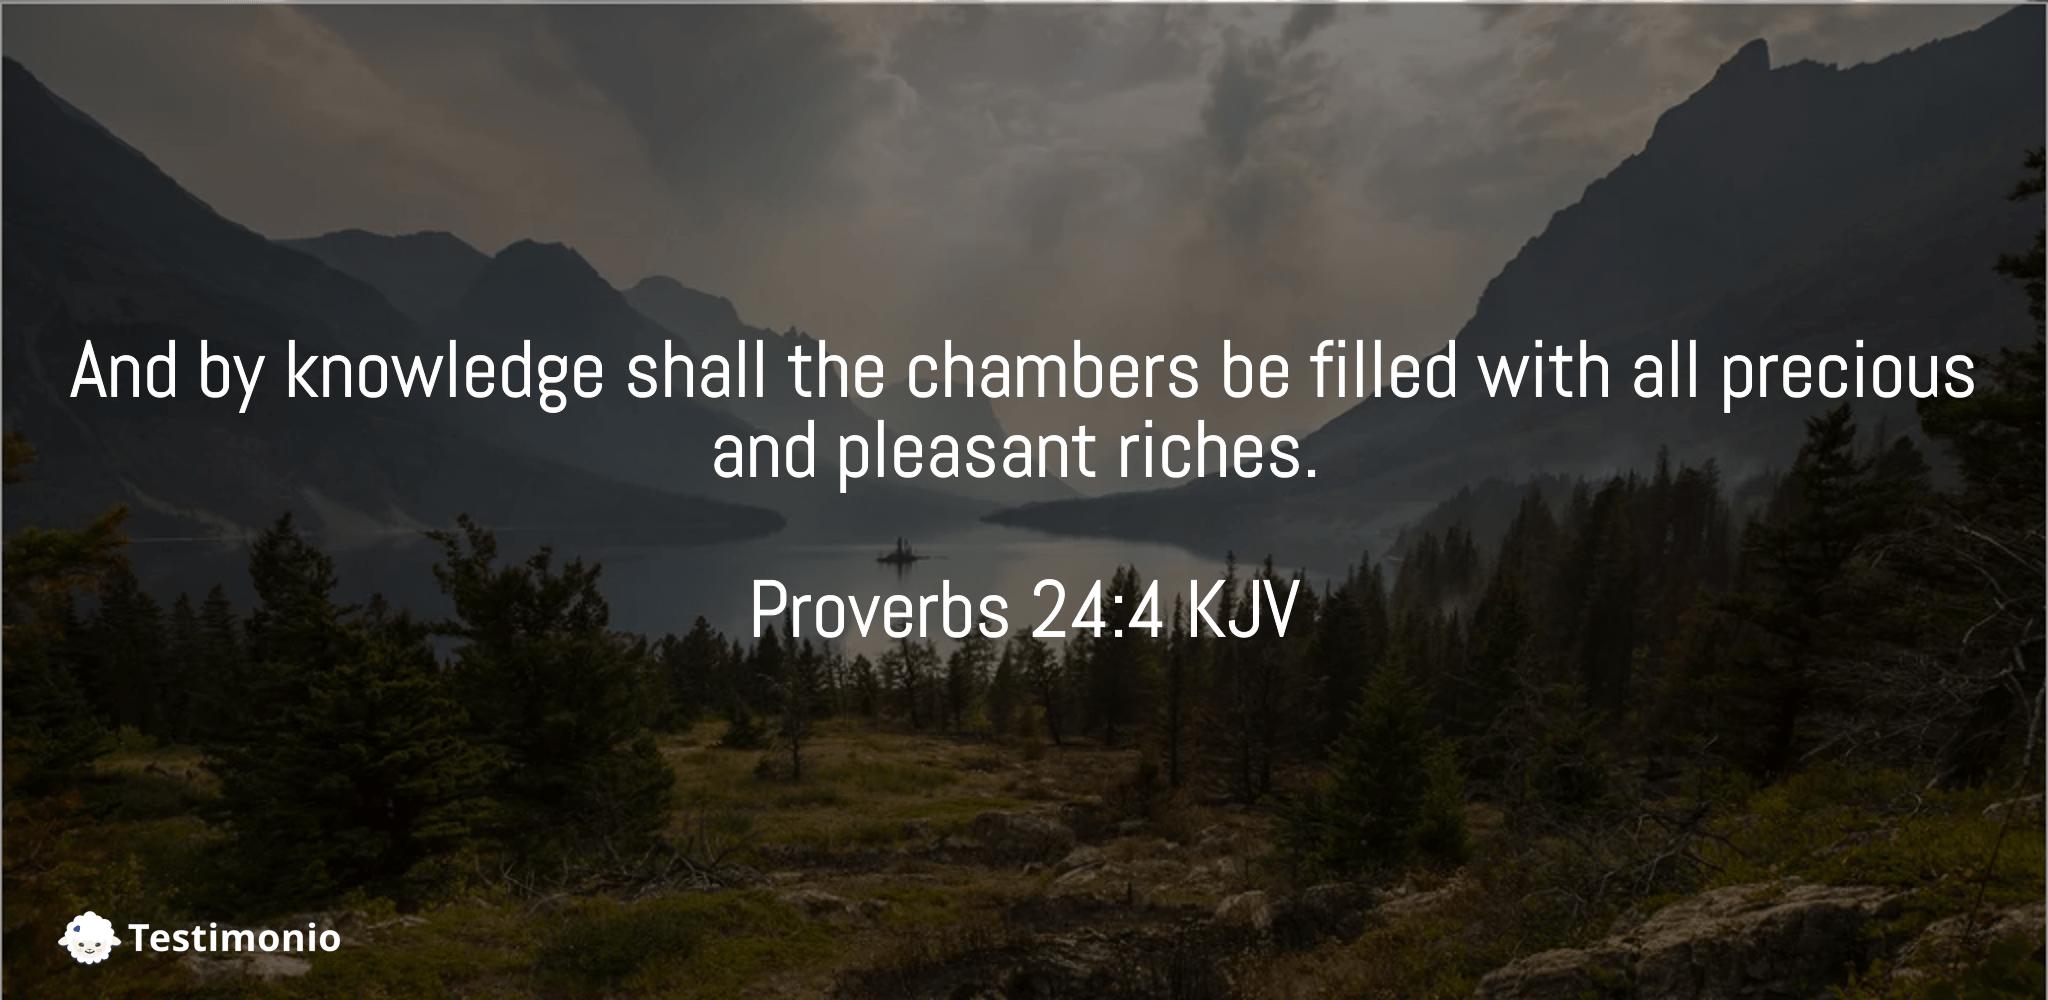 Proverbs 24:4